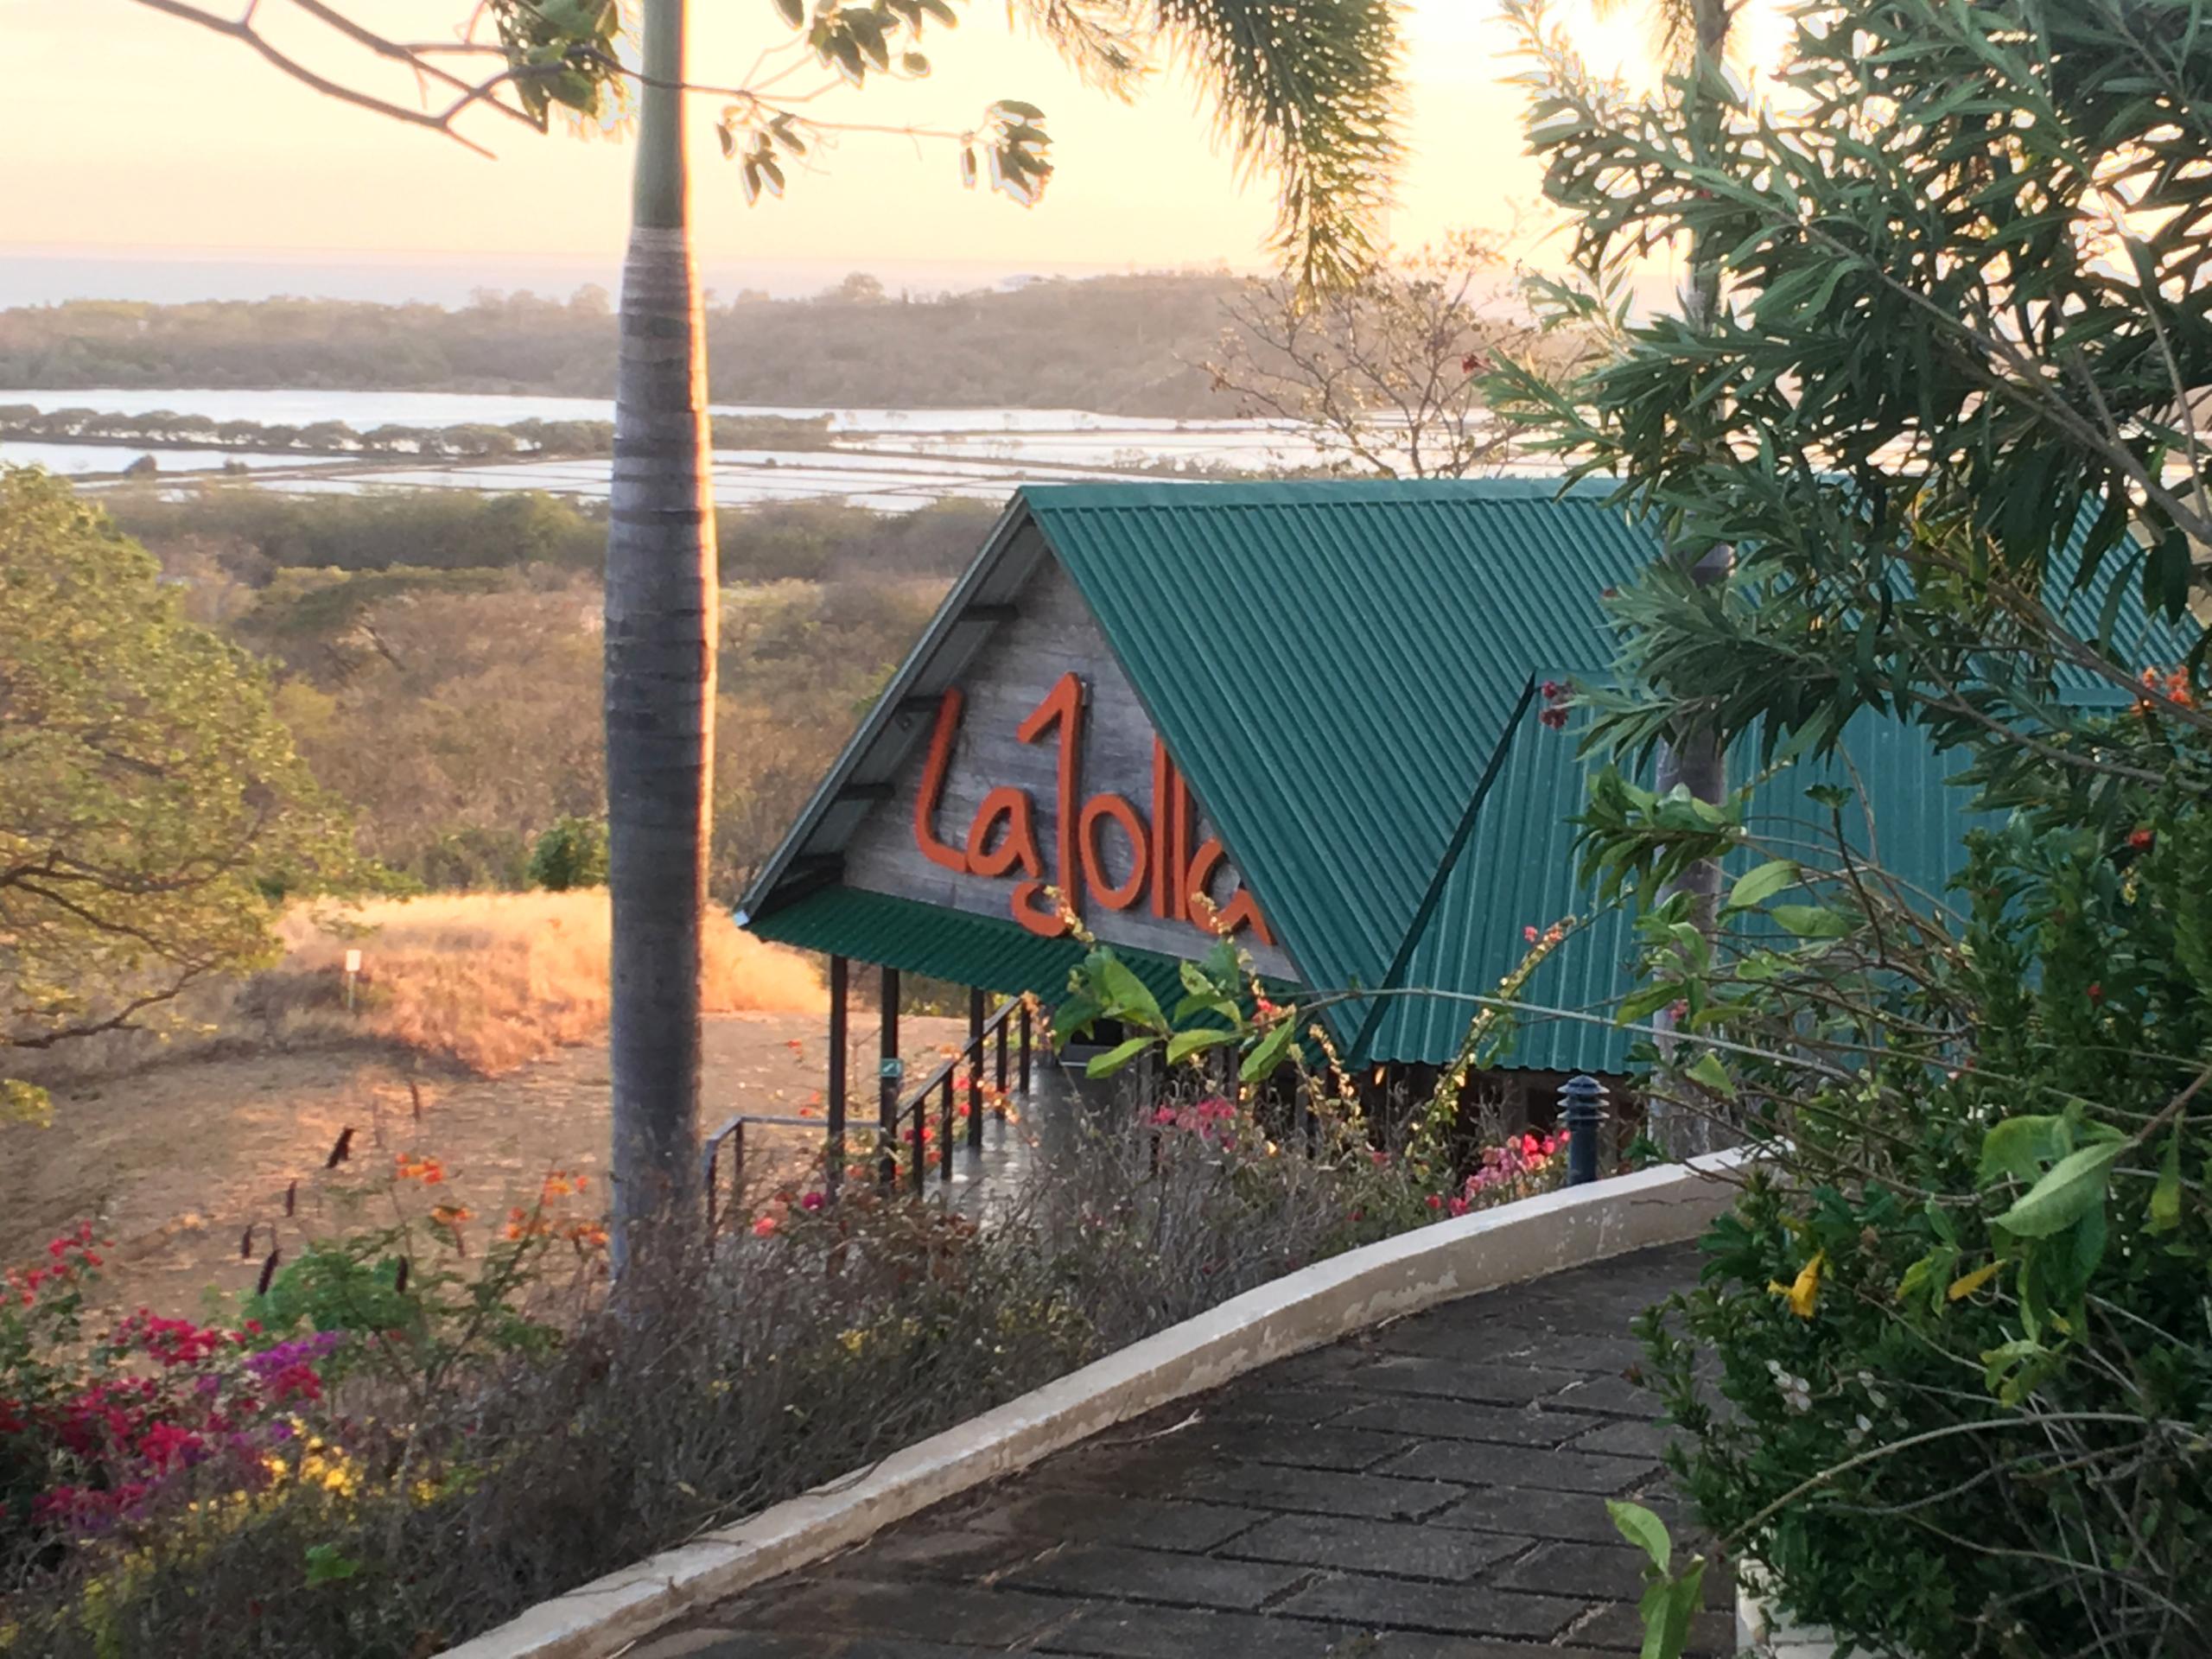 la-jolla-guasacate-surf-resort-nicaragua